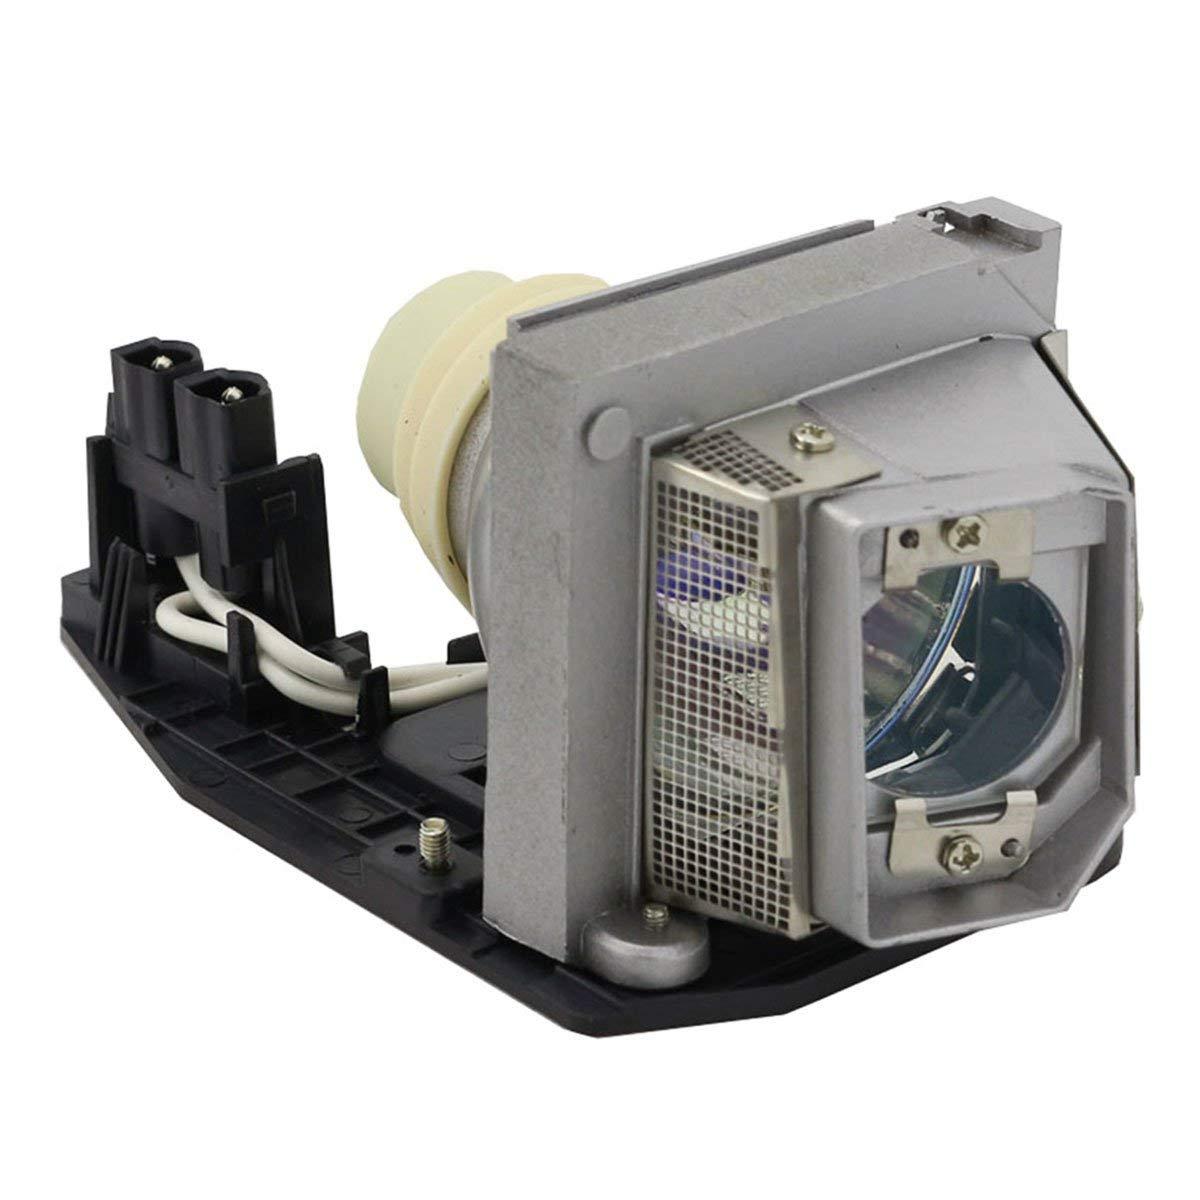 Supermait 330-6581 交換用プロジェクターランプ ハウジング付き DELL 1510X / 1610X / 1610HD用 B07P987CF8